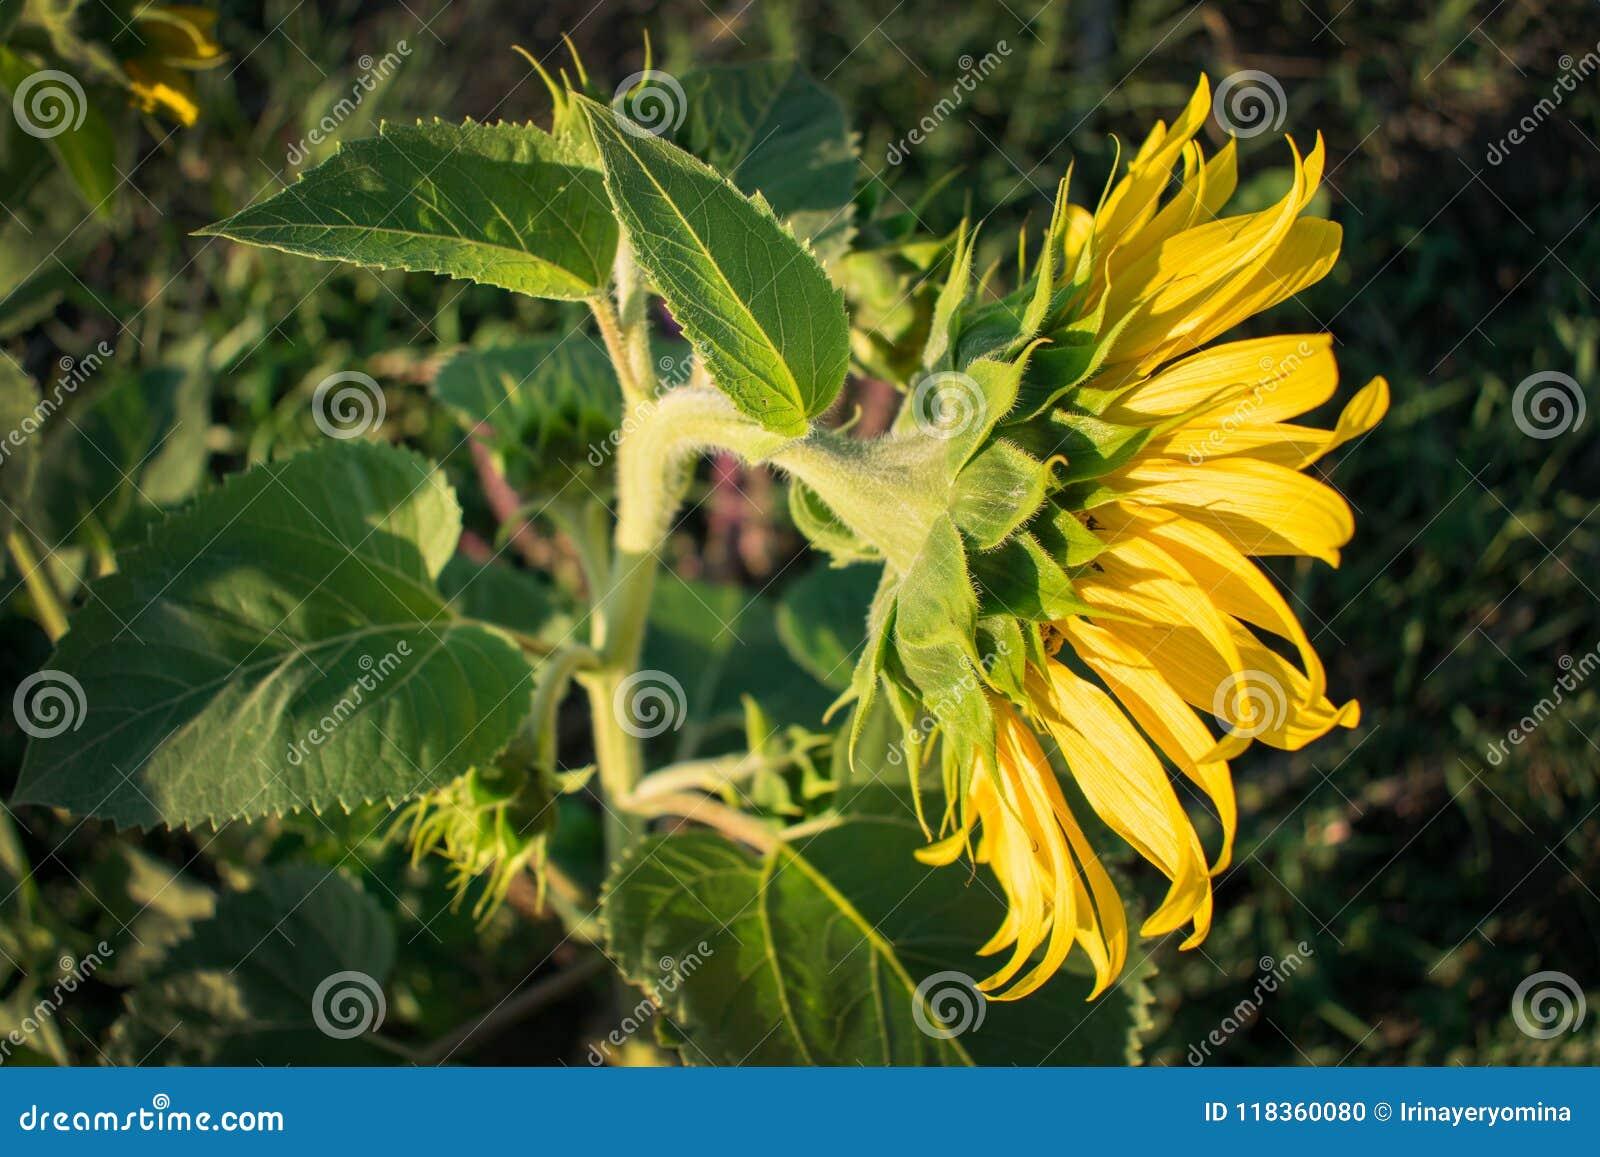 Ljus gul solrosblomma på en bakgrund av gröna sidor